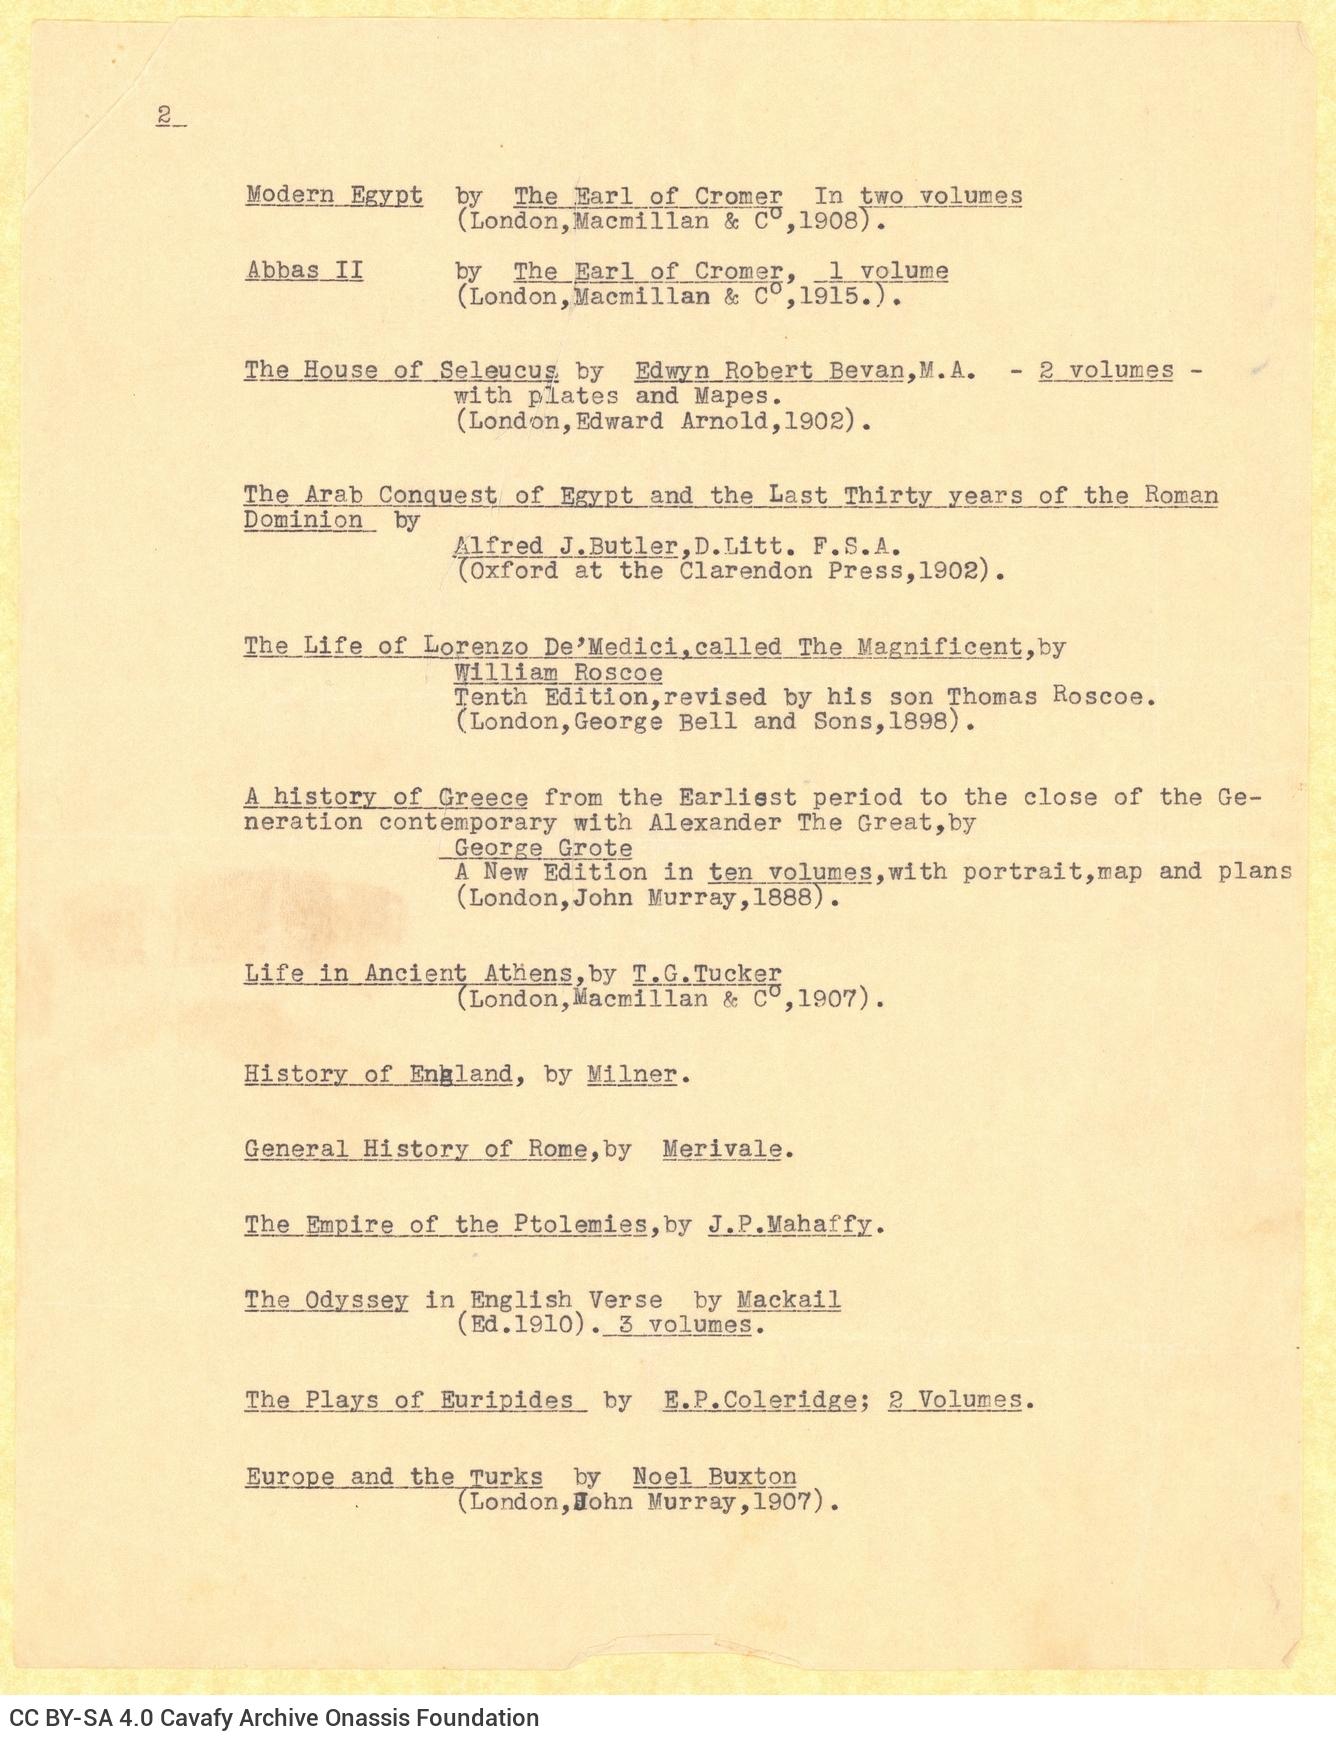 Δακτυλόγραφος κατάλογος βιβλίων και περιοδικών στο recto δώδεκα φύλλω